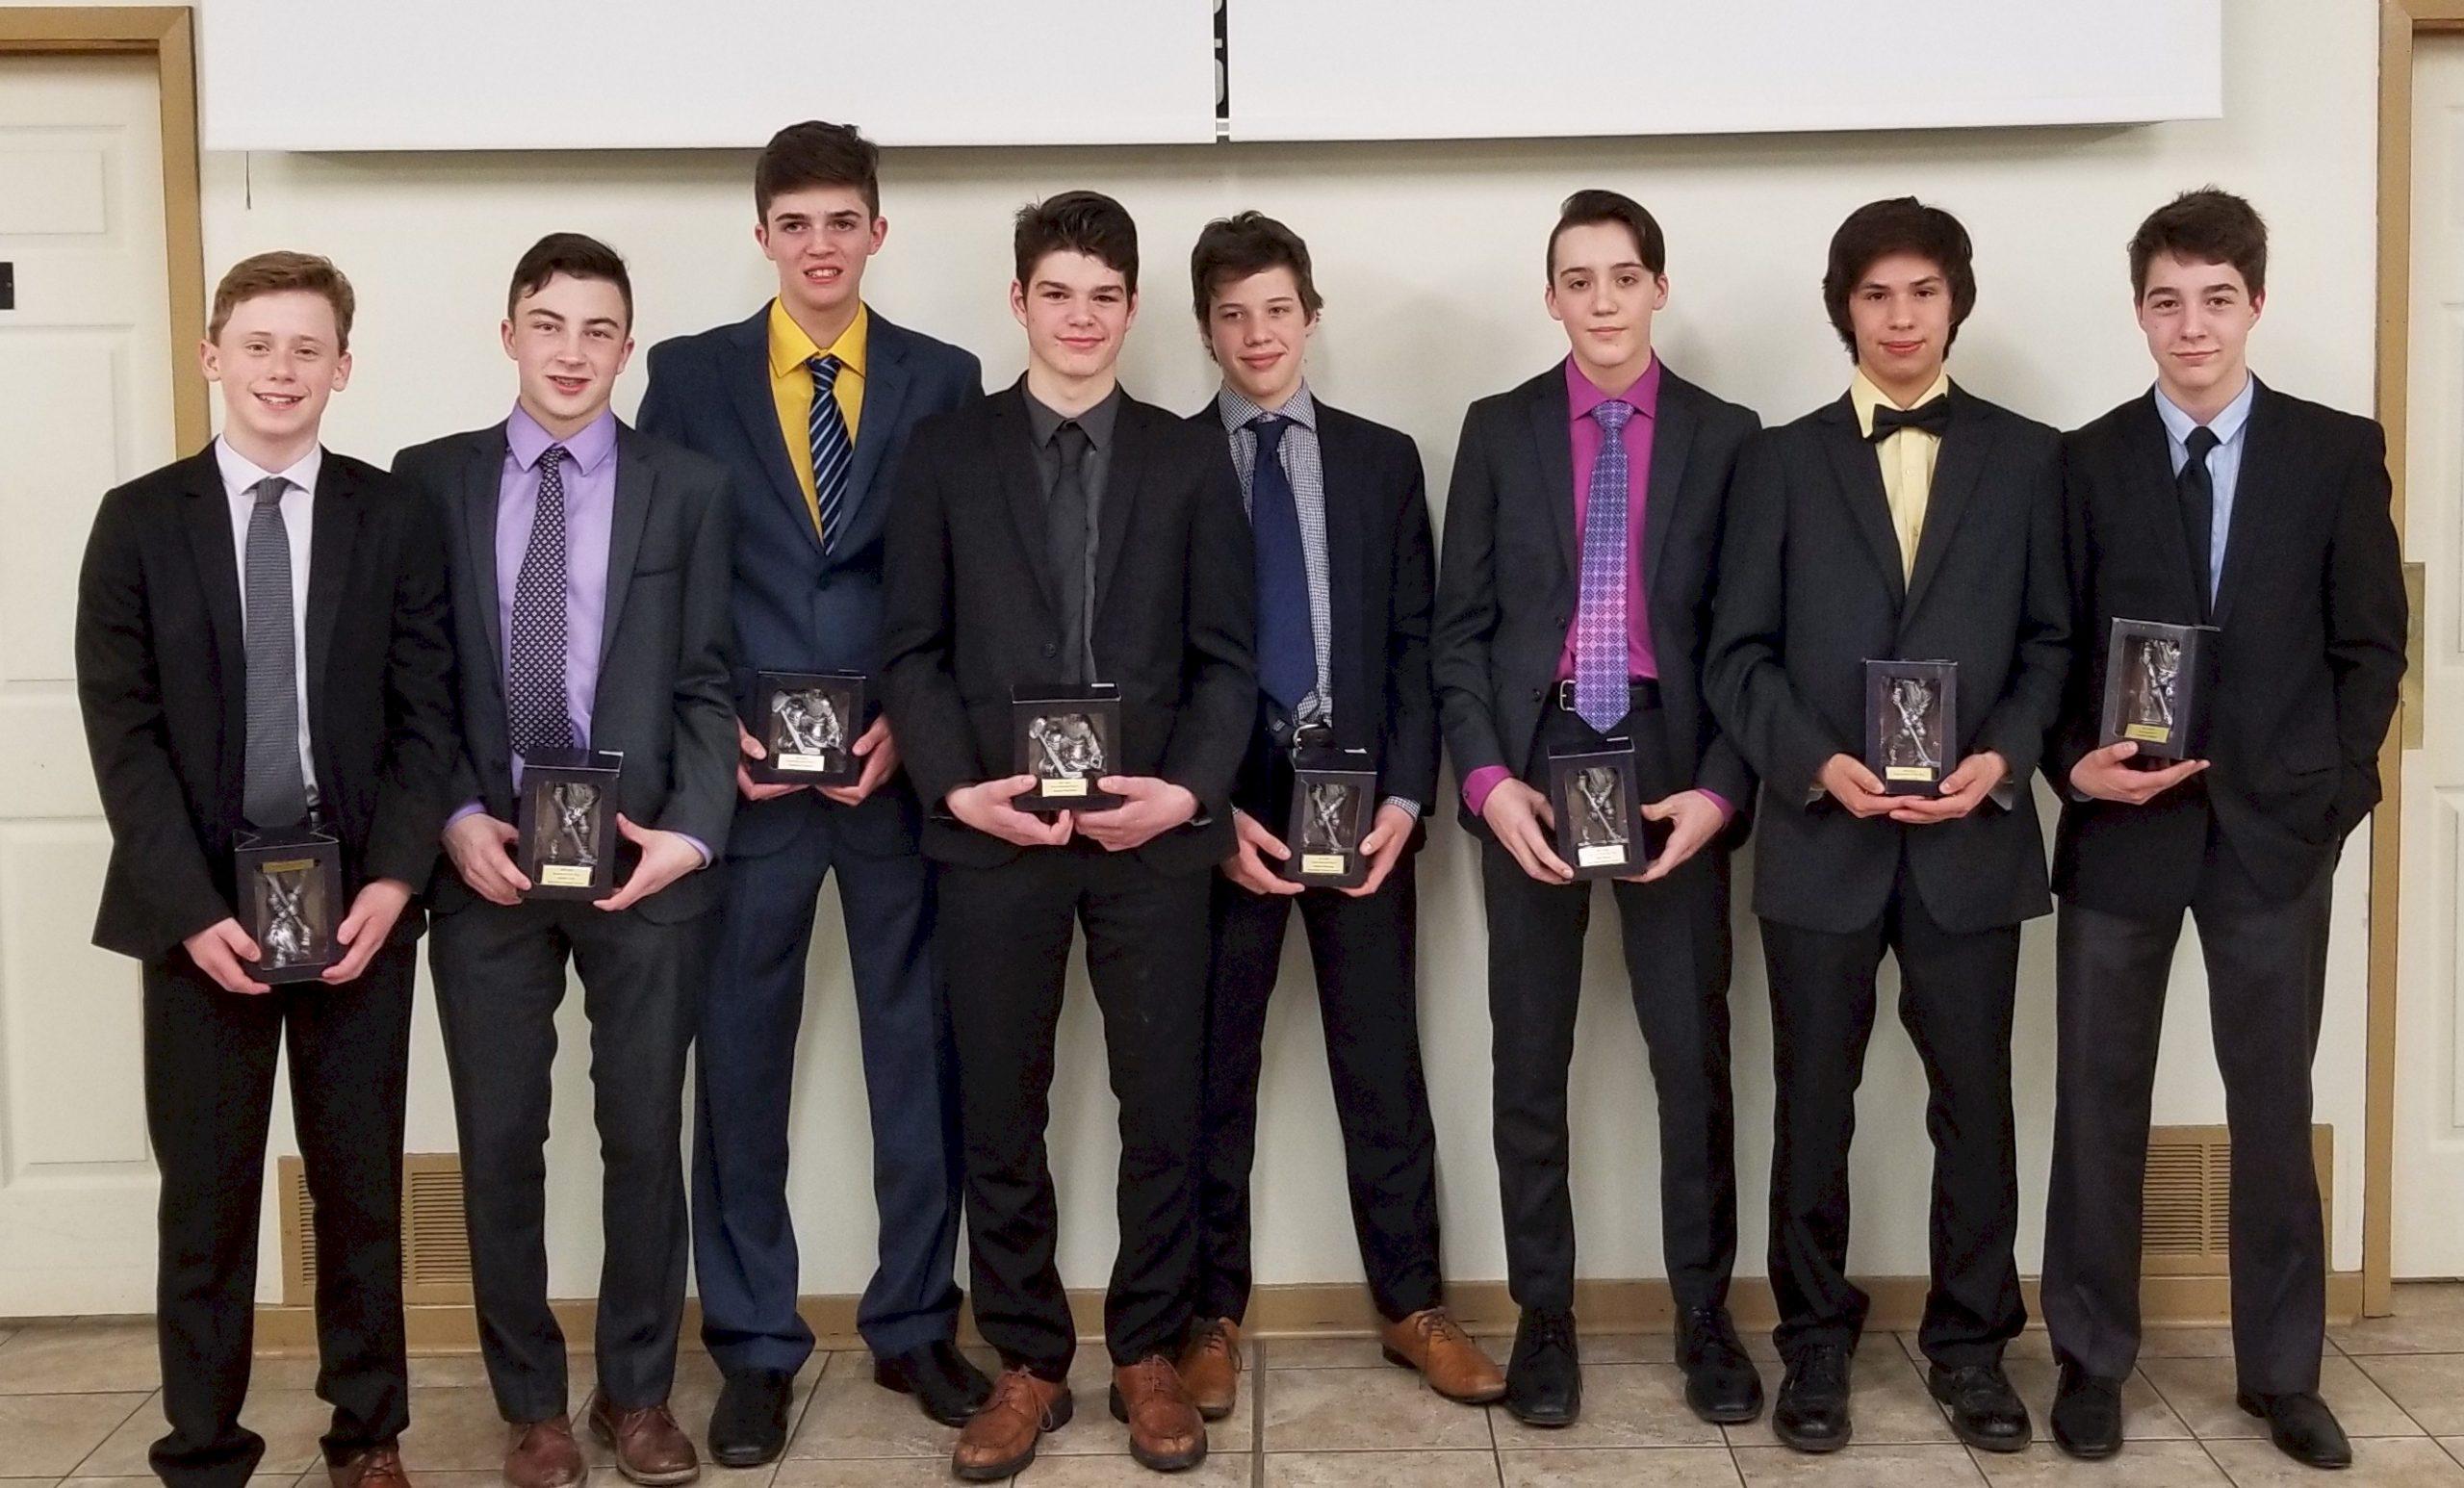 Novas hand out annual awards